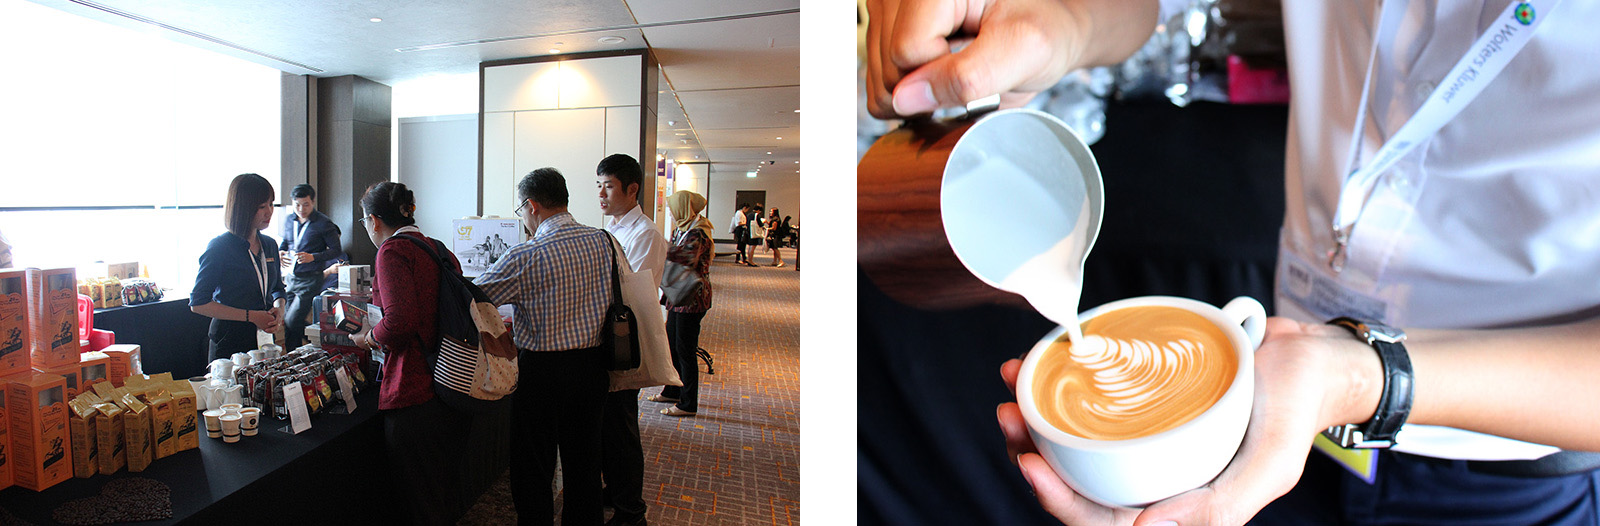 Đến với sự kiện lần này Trung Nguyên phục vụ cà phê G7 3in1, Espresso, Cappuccino cũng như giới thiệu các dòng sản phẩm cà phê năng lượng Sáng tạo 8, Legendee, G7 và đã nhận được sự quan tâm của đông đảo khách mời tham dự sự kiện.